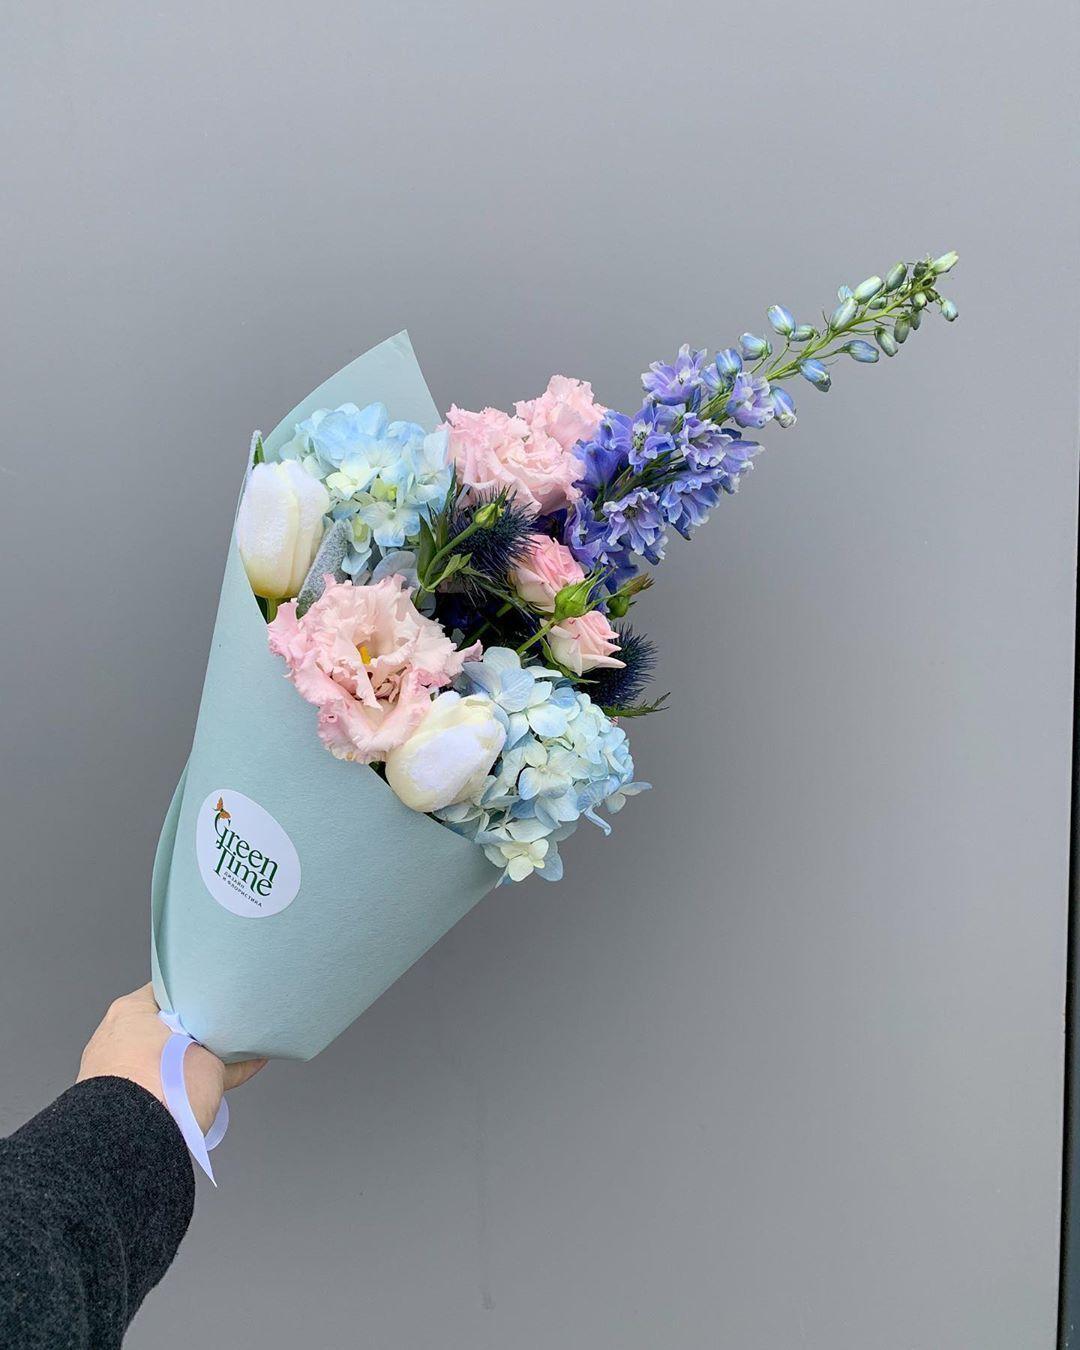 ДОСТАВКА ЦВЕТОВ ПО МОСКВЕ в Instagram: «БУКЕТ В КУЛЬКЕ - отличный способ  сделать недорогой и неожиданный подарок 🎁 ⠀ Преимущества … в 2020 г | Доставка  цветов, Букет, Цветы